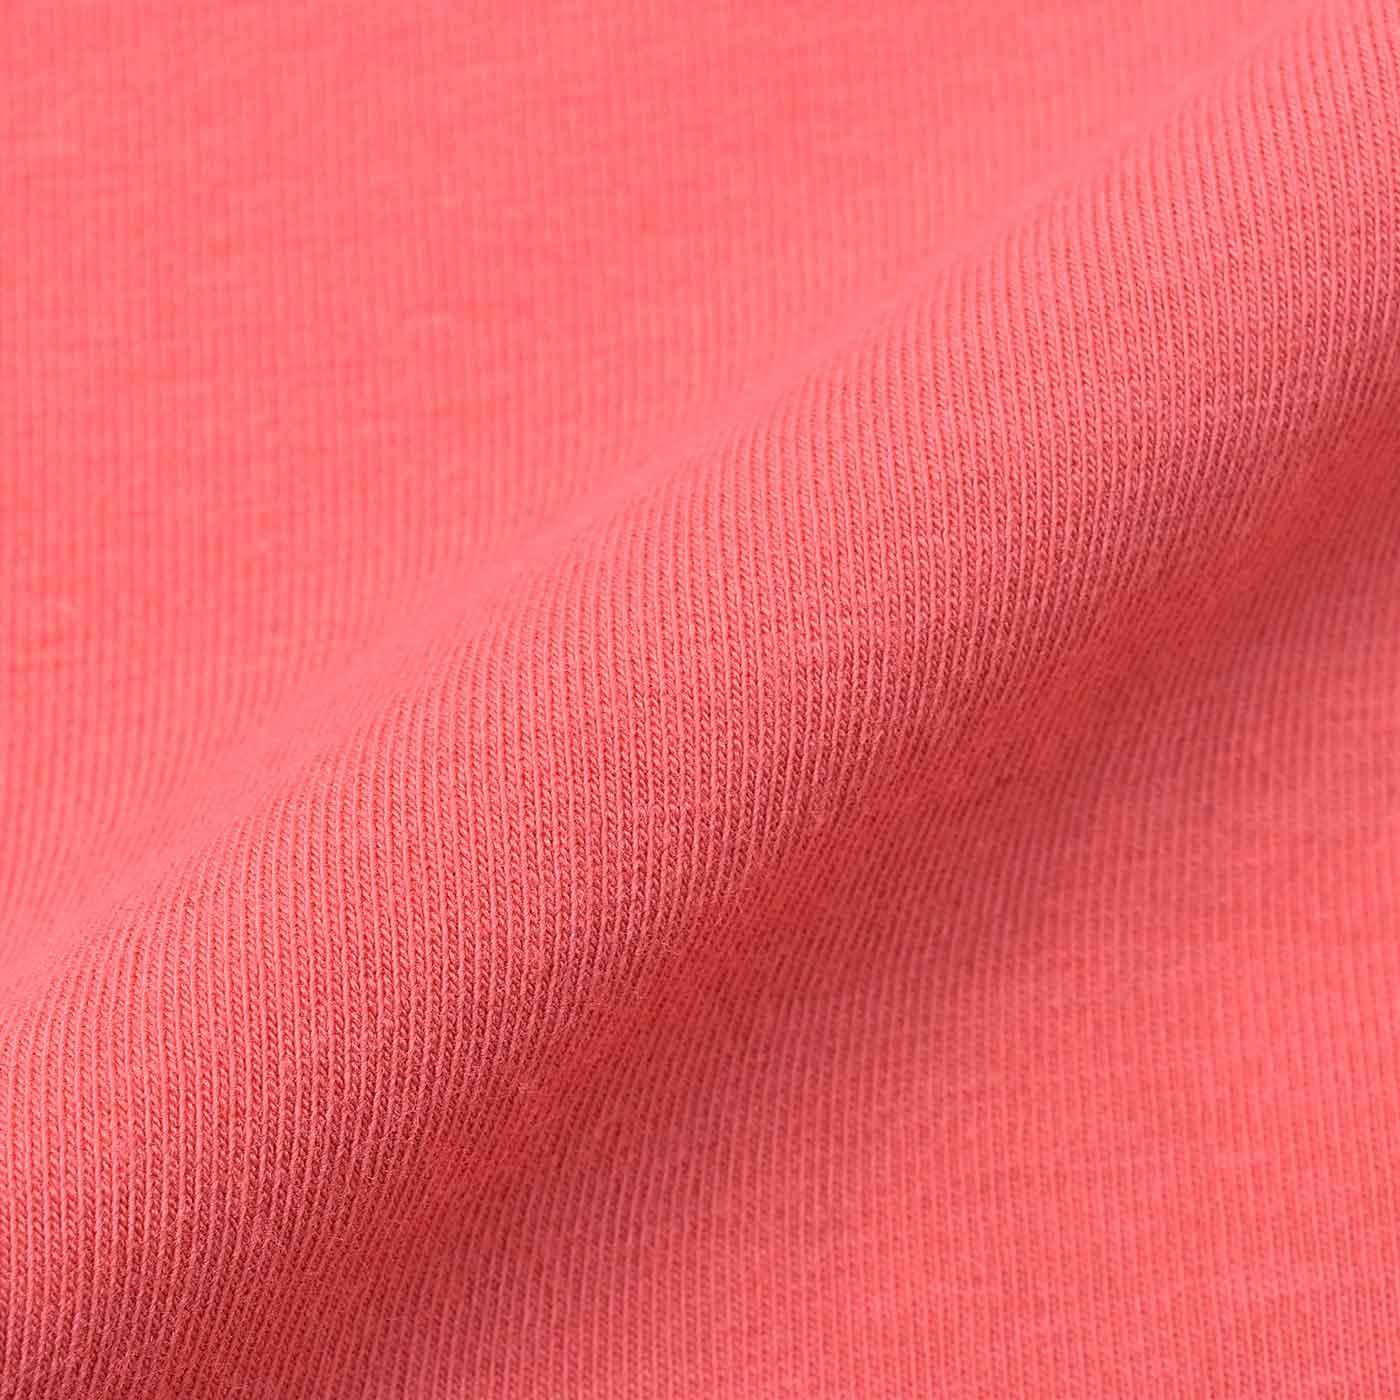 肌に当たる内側の生地は、汗をかいてもベタつかない天じく素材で快適。